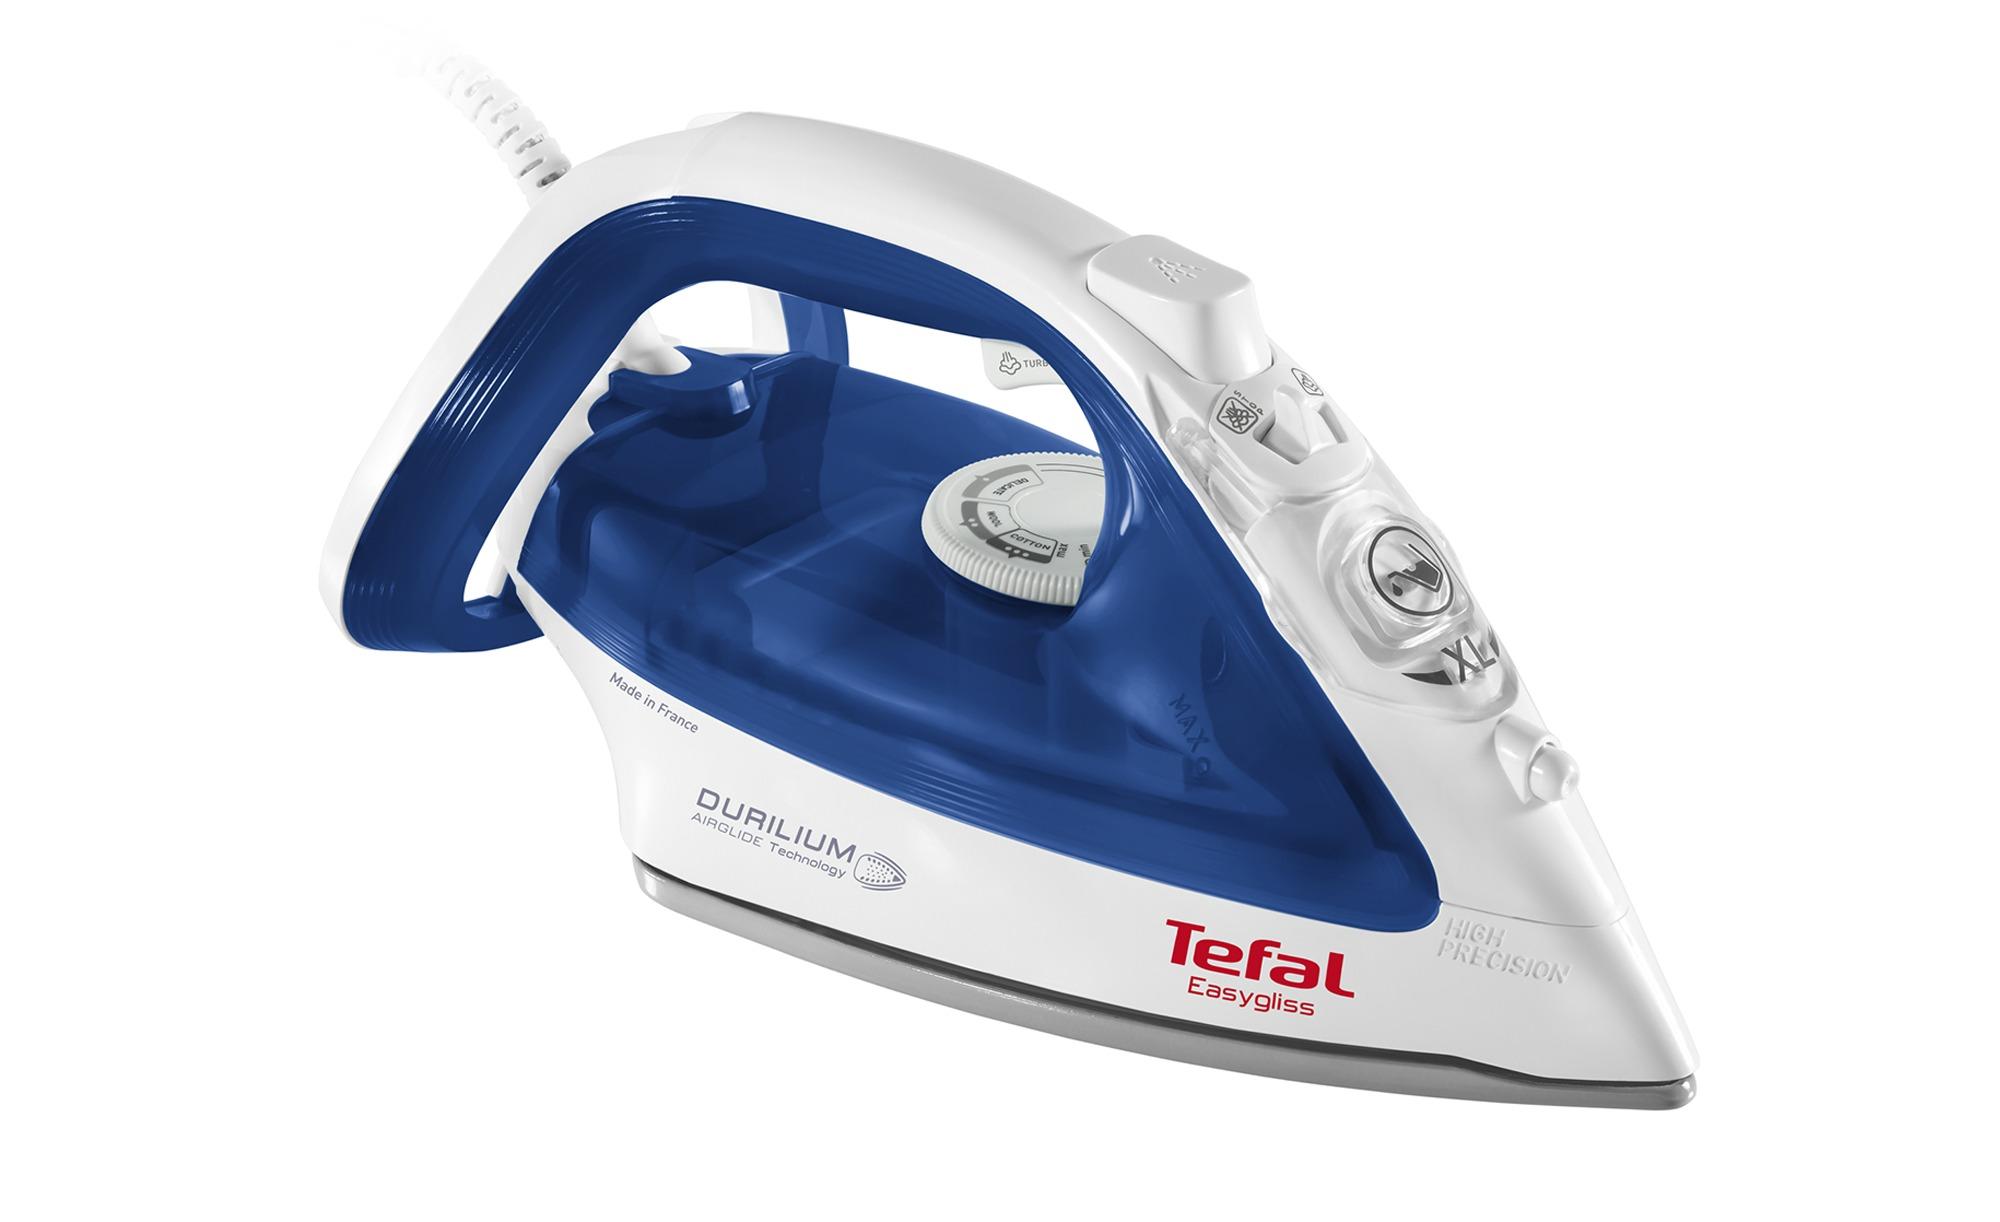 Tefal Dampfbügeleisen  FV 3960 - Kunststoff - 34 cm - 18 cm - 15 cm - Elektrokleingeräte > Bügeln - Möbel Kraft | Flur & Diele > Haushaltsgeräte > Bügeleisen | Tefal